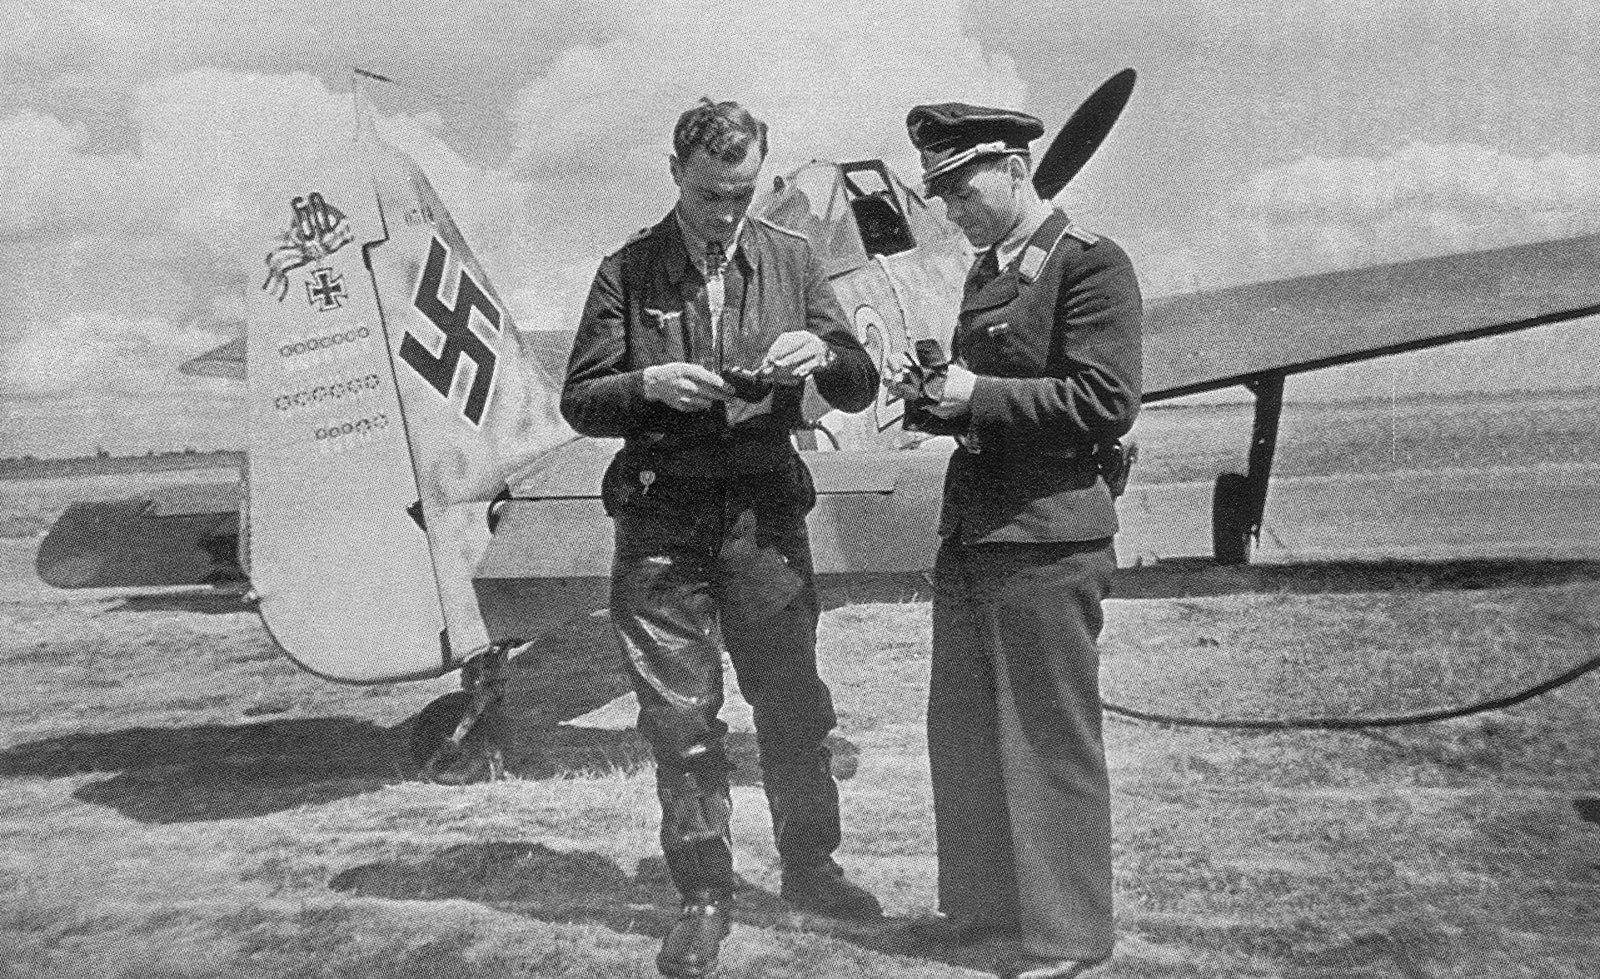 фото немецких летчиков второй мировой ранних лет уилл